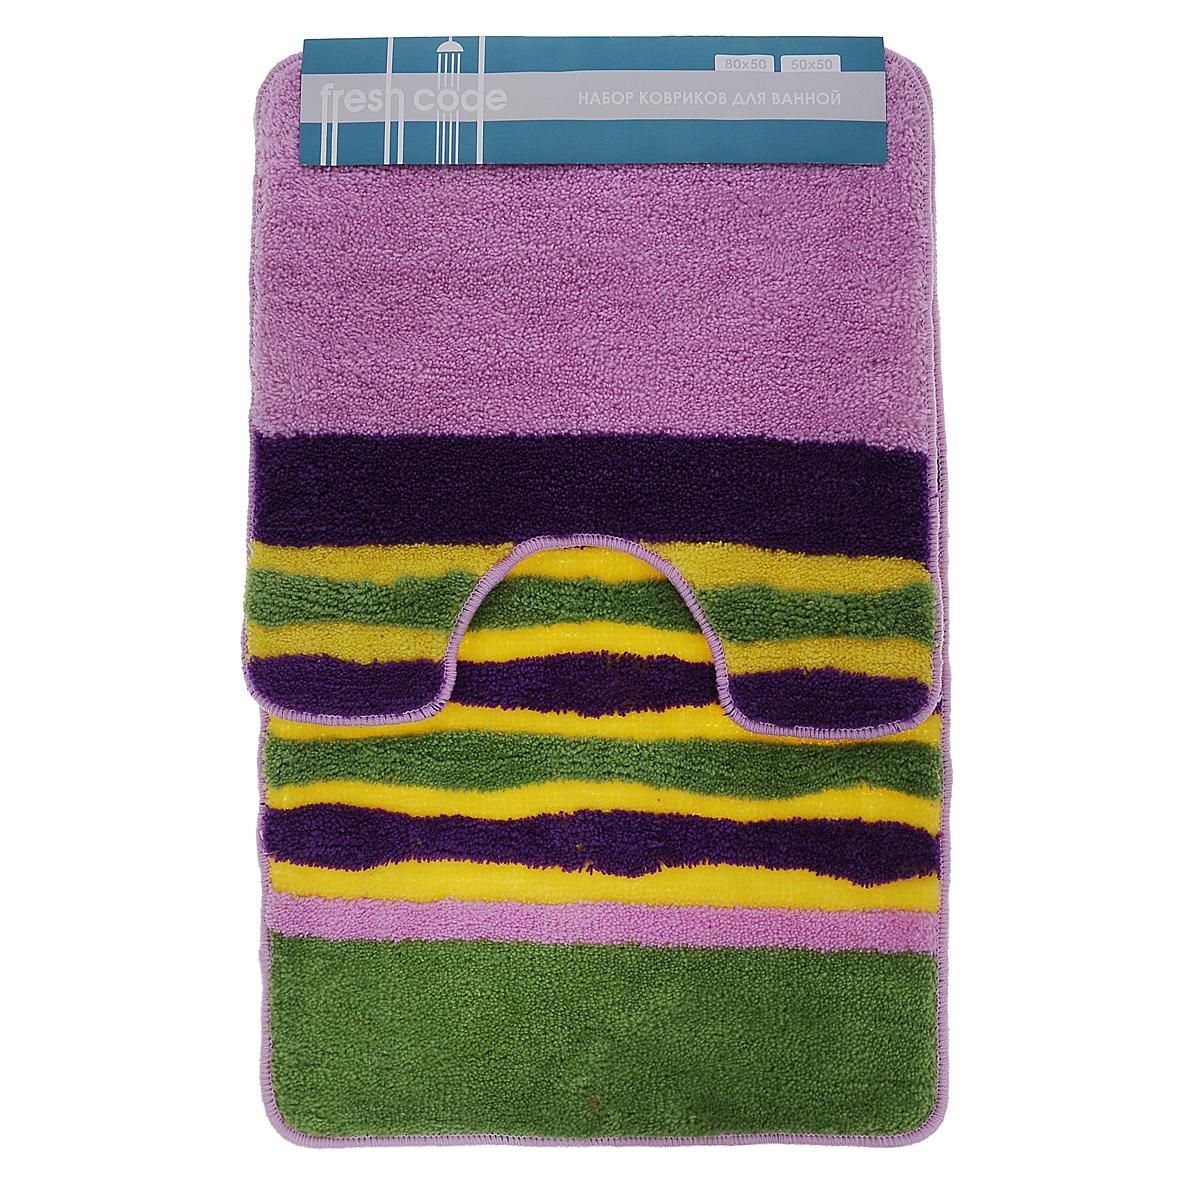 Комплект ковриков для ванной Fresh Code, цвет: салатовый, сиреневый, фиолетовый, 2 предмета55010_салатовый, сиреневый, фиолетовыйКомплект Fresh Code состоит из коврика для ванной комнаты и туалета. Коврики изготовлены из акрила. Это экологически чистый, быстросохнущий, мягкий и износостойкий материал. Красители устойчивы, поэтому коврики не потускнеют даже после многократных стирок. Благодаря латексной основе коврики не скользят на полу. Края изделий обработаны оверлоком. Набор для ванной Fresh Code подарит ощущение тепла и комфорта, а также привнесет уют в вашу ванную комнату.Высота ворса: 1 см.Размер коврика для ванной комнаты: 80 см х 50 см.Размер коврика для туалета: 50 см х 50 см.